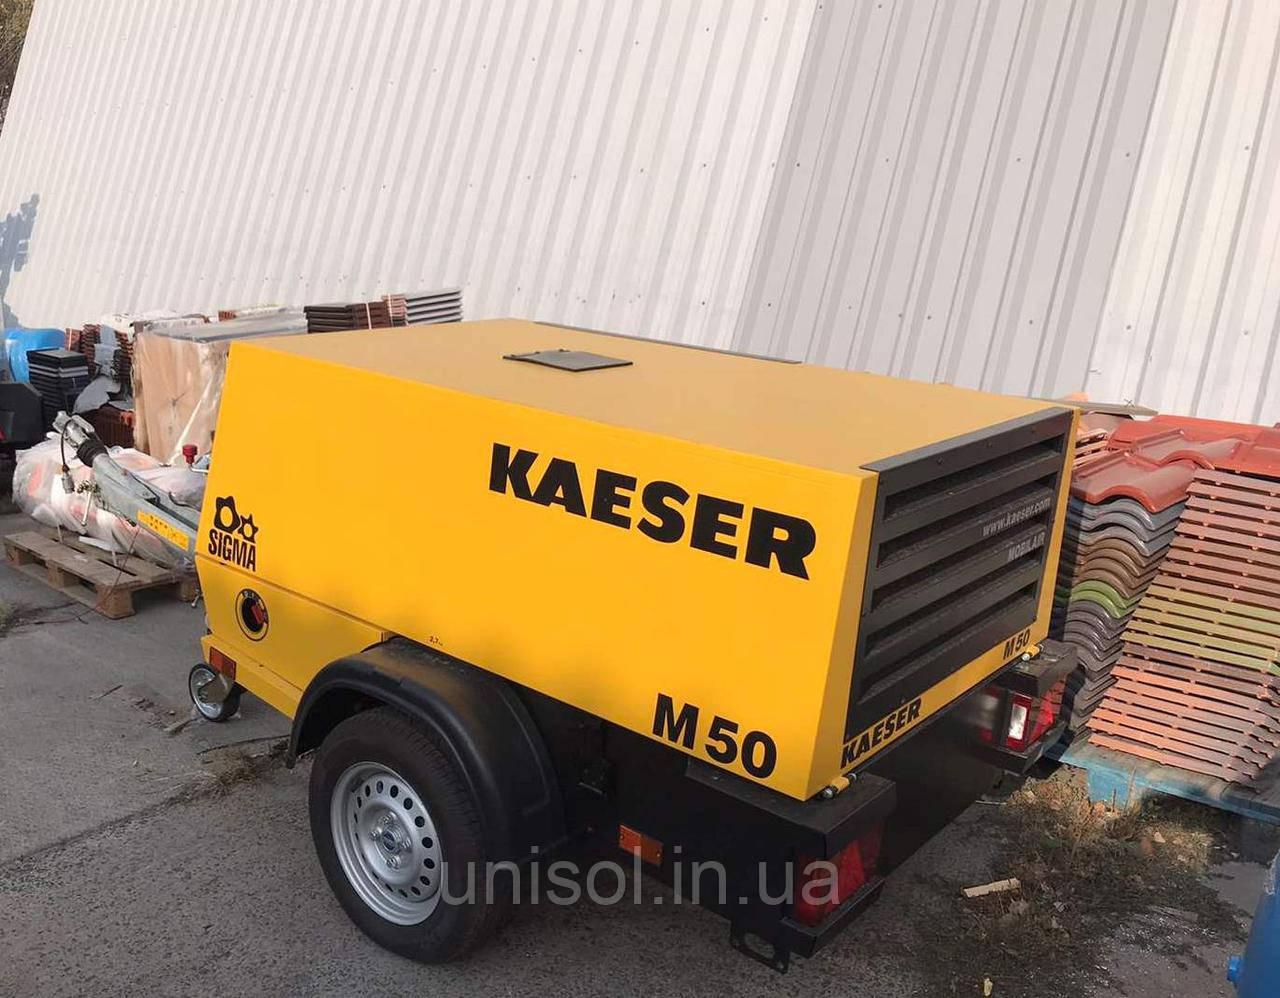 Дизельный компрессор Kaeser M 50 - 5 кубов - 7 бар.